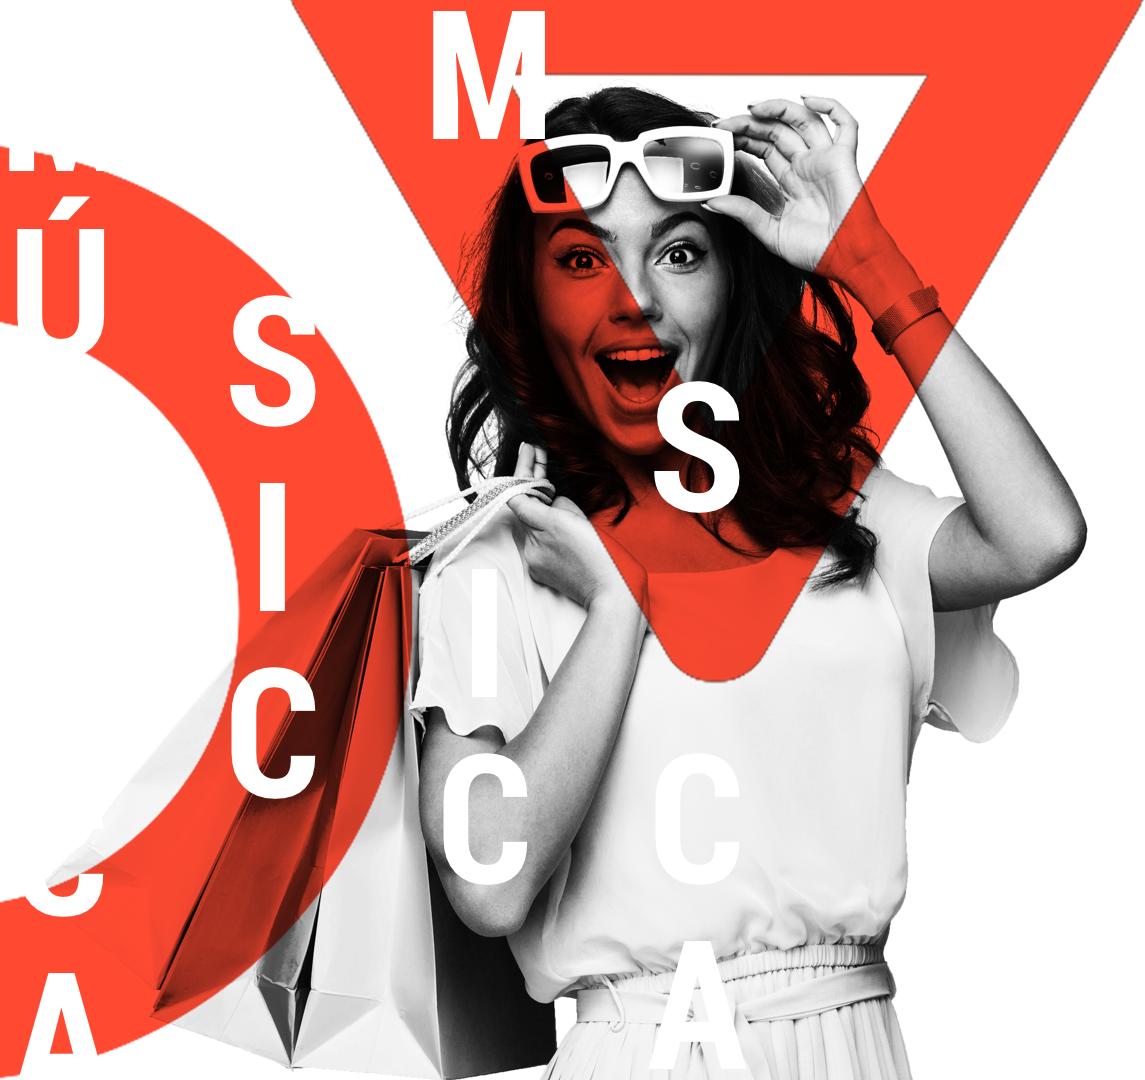 musica-ambiental-para-locales-aumentar-ventas-fidelizar-clientes-kasimu-chile